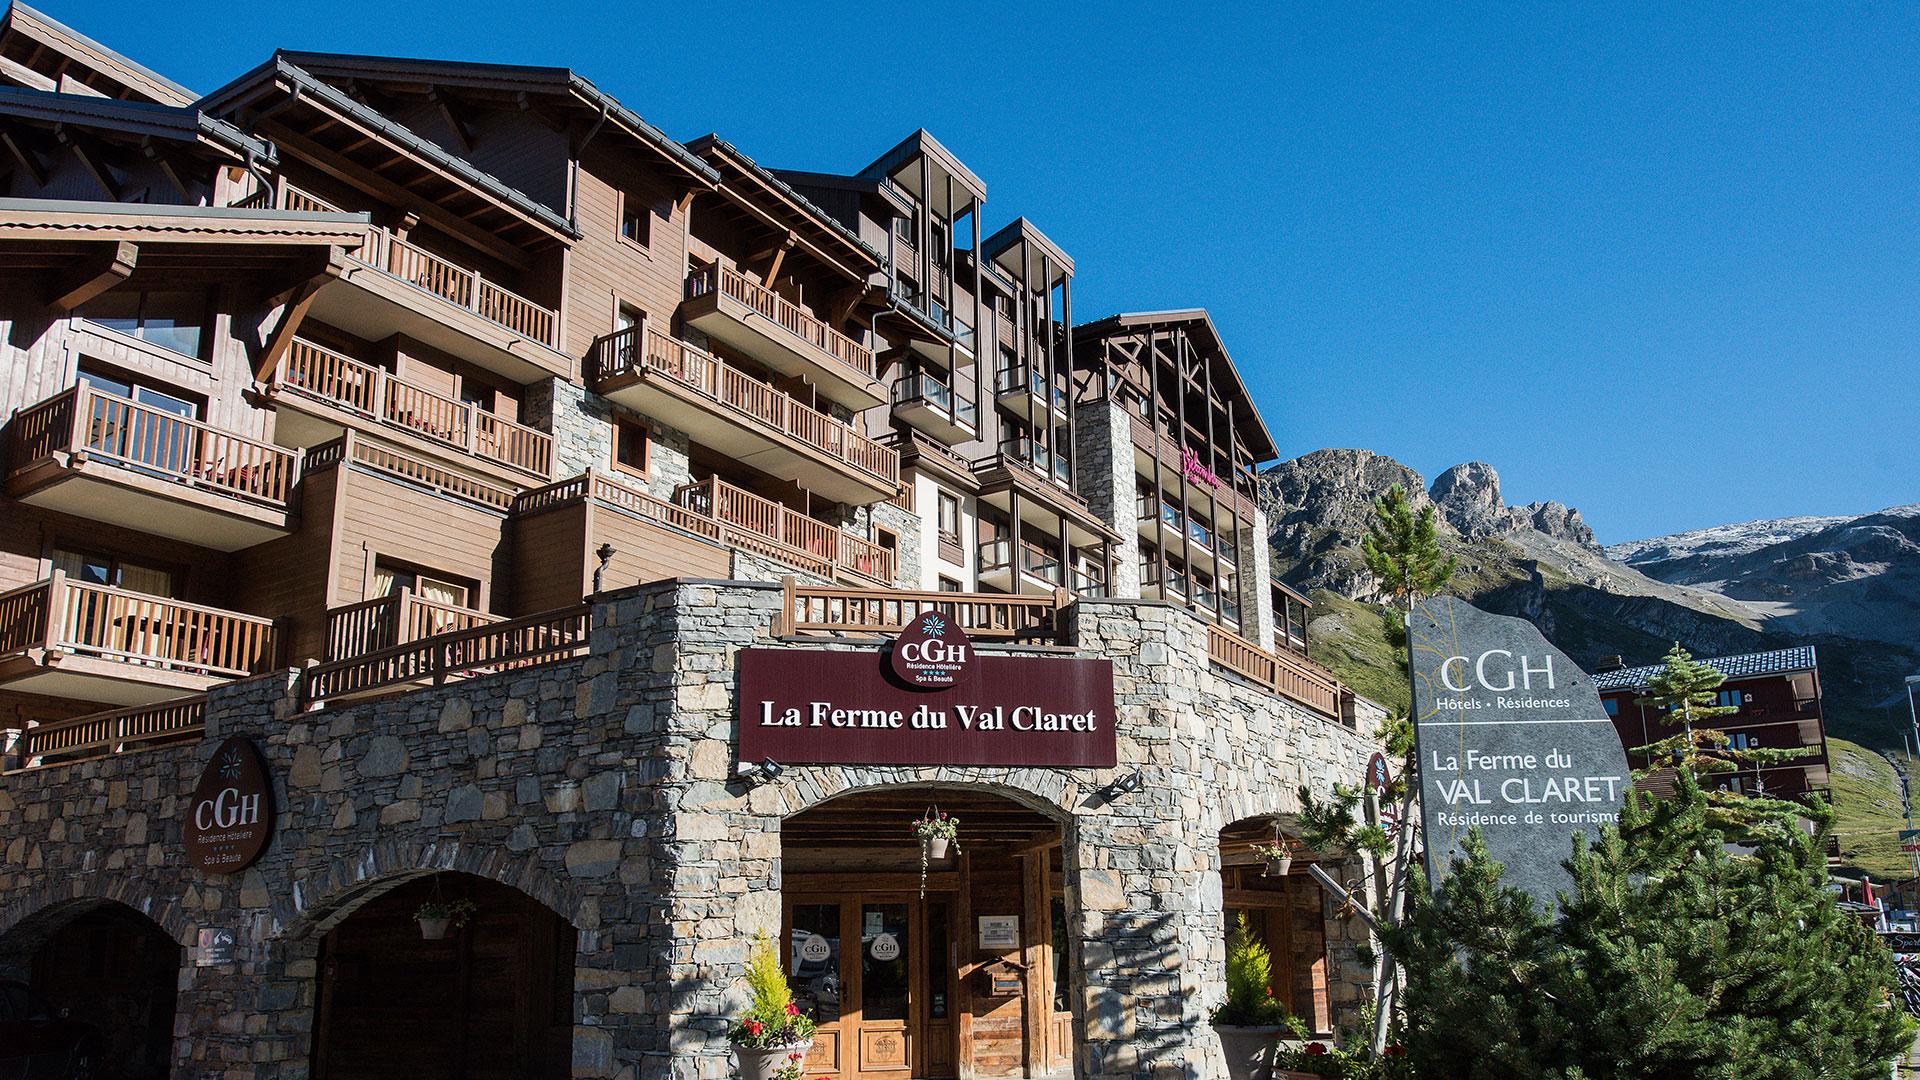 Extérieur été, La Ferme du Val Claret - CGH Résidences